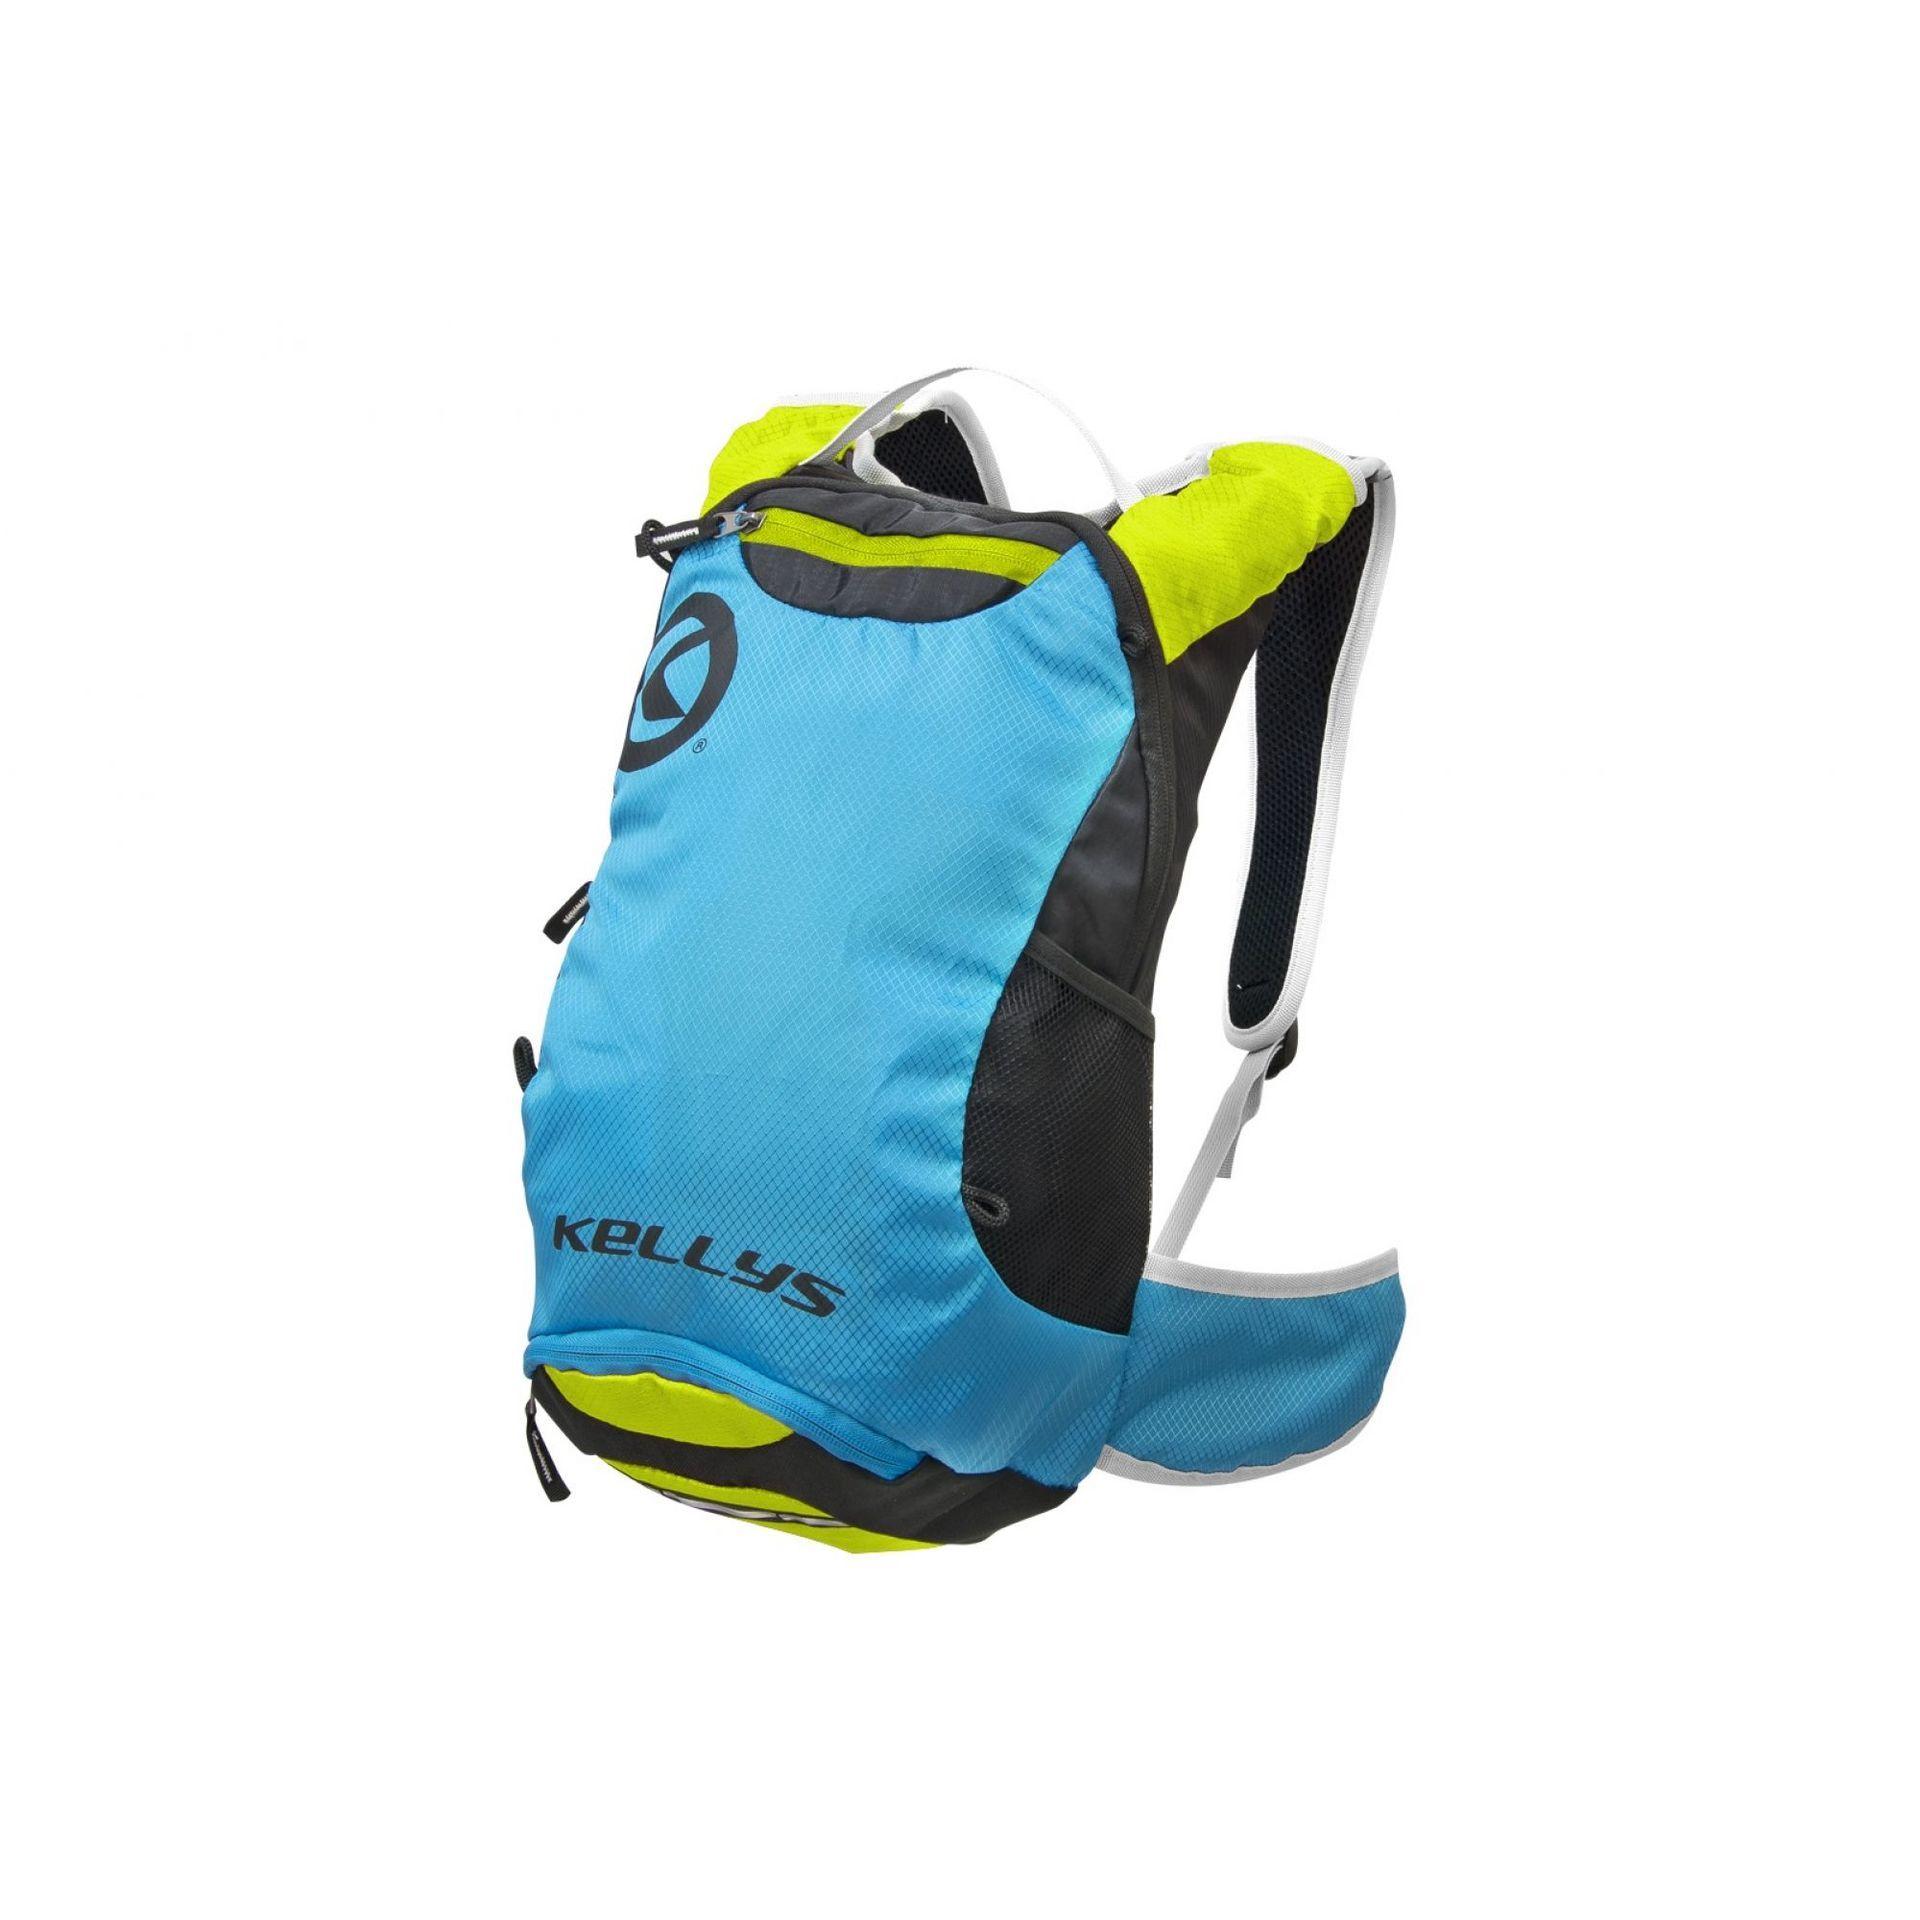 Plecak rowerowy Kellys Limit niebieski|zielony